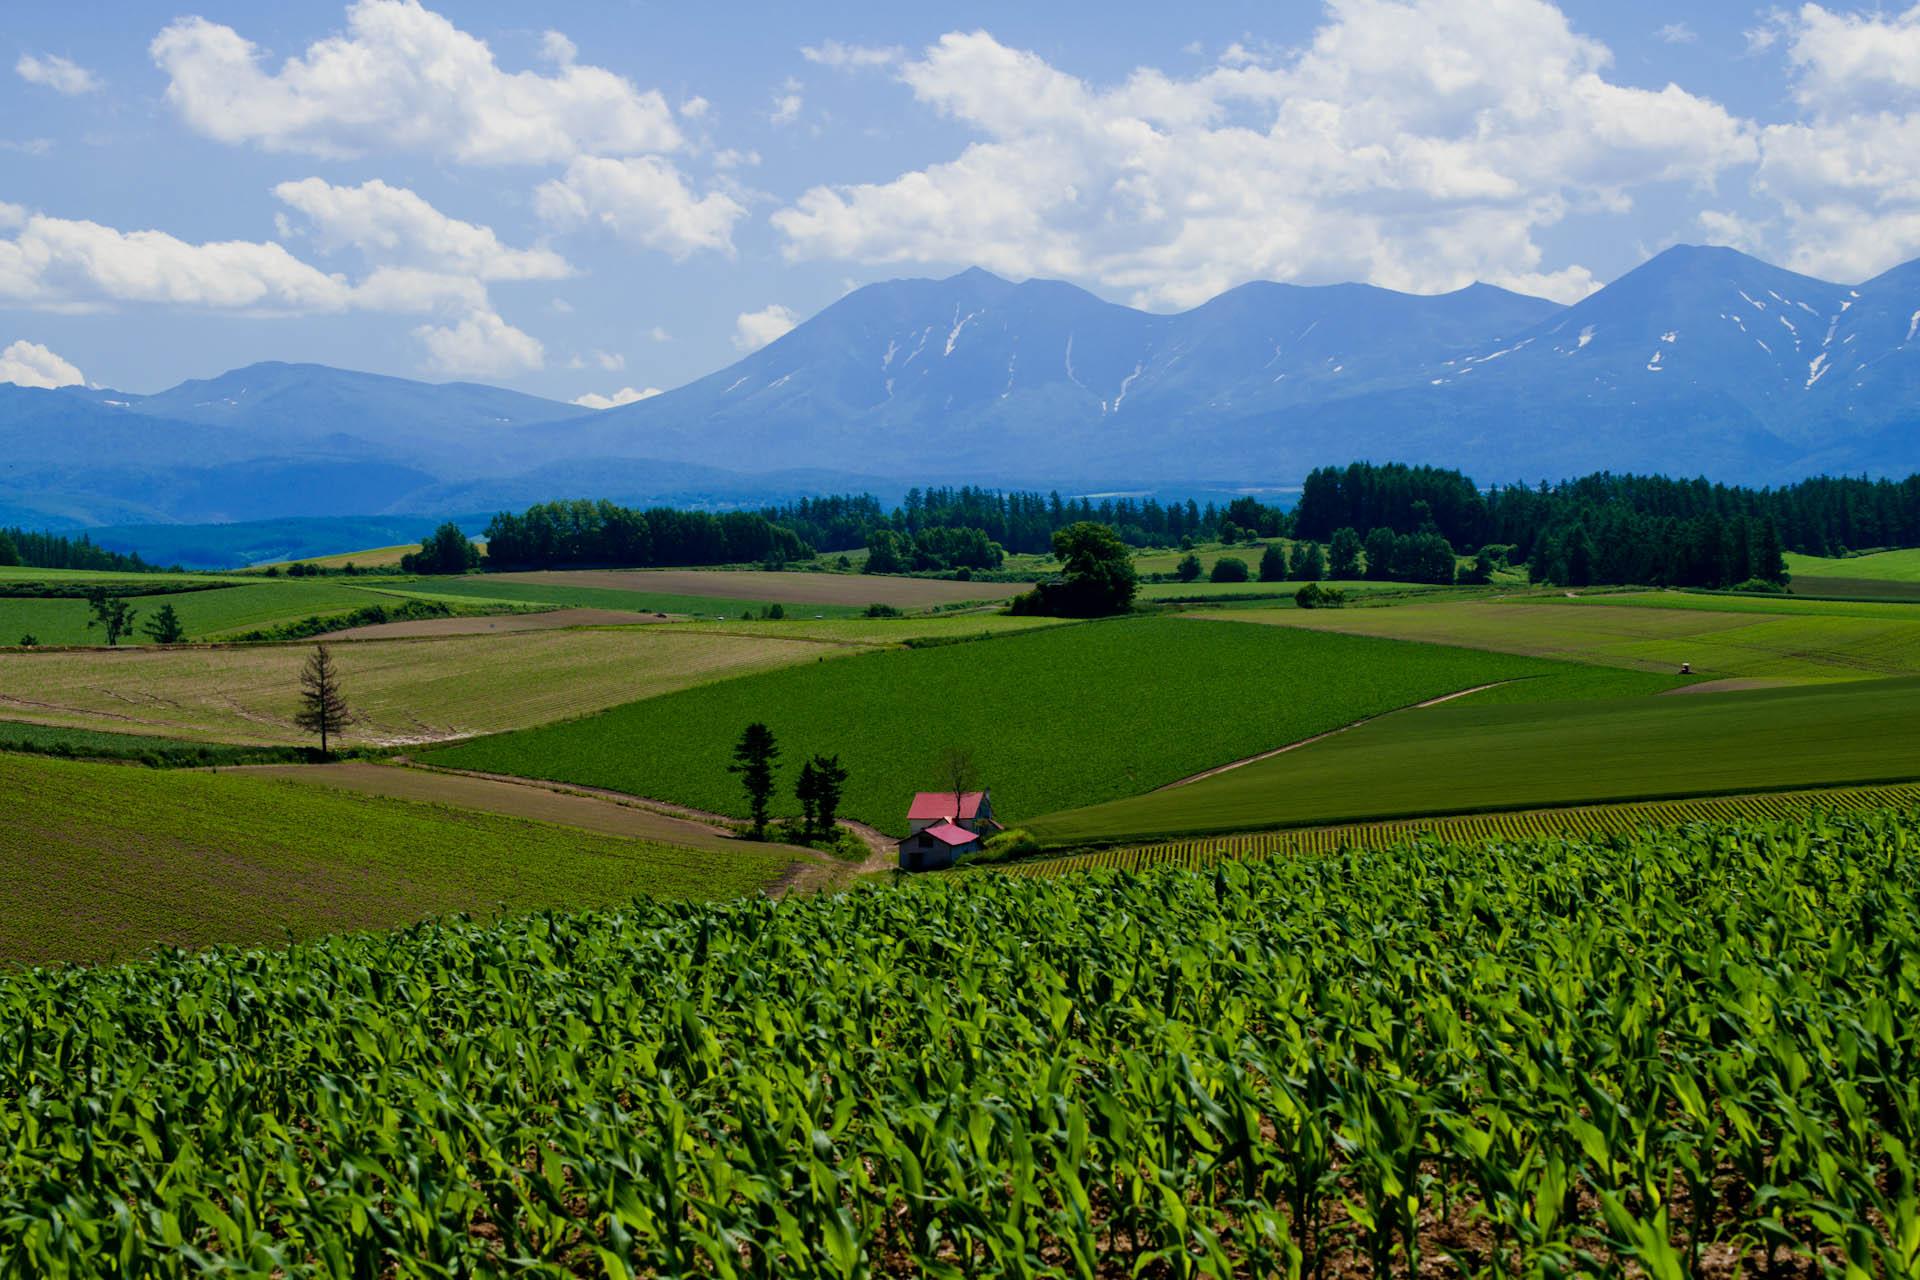 青い山脈 (映画)の画像 p1_31